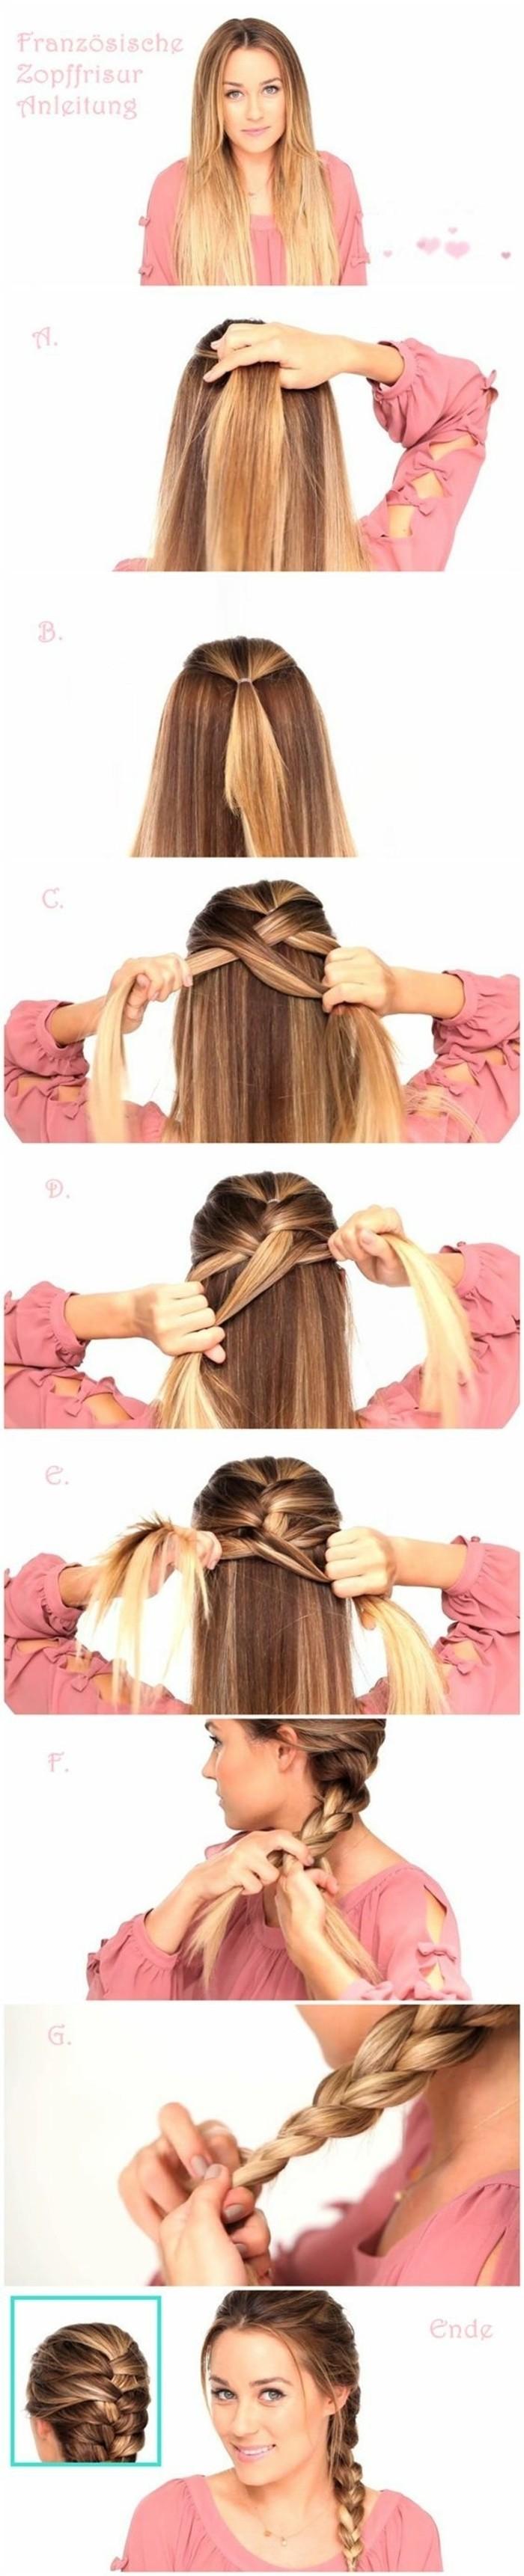 jolie-idee-coiffure-facile-et-rapide-a-faire-vous-memes-tuto-coiffure-cheveux-longs